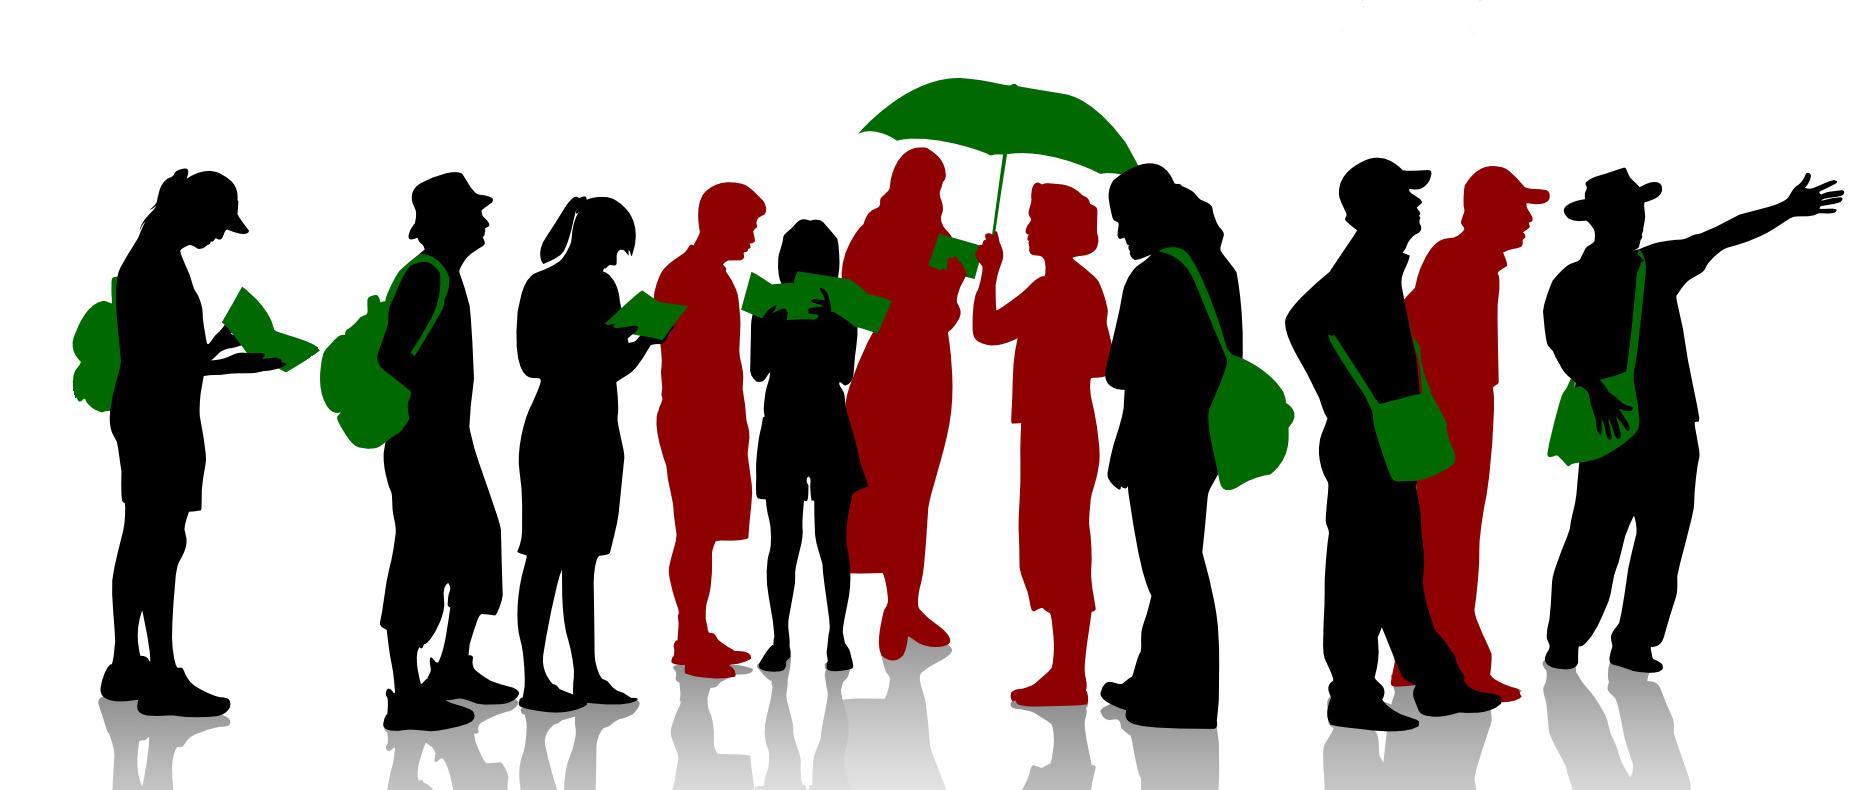 Gruppenflugtickets.de - Spezialisten für Gruppenflugbuchungen der Flugbörse Prenzlauer Berg